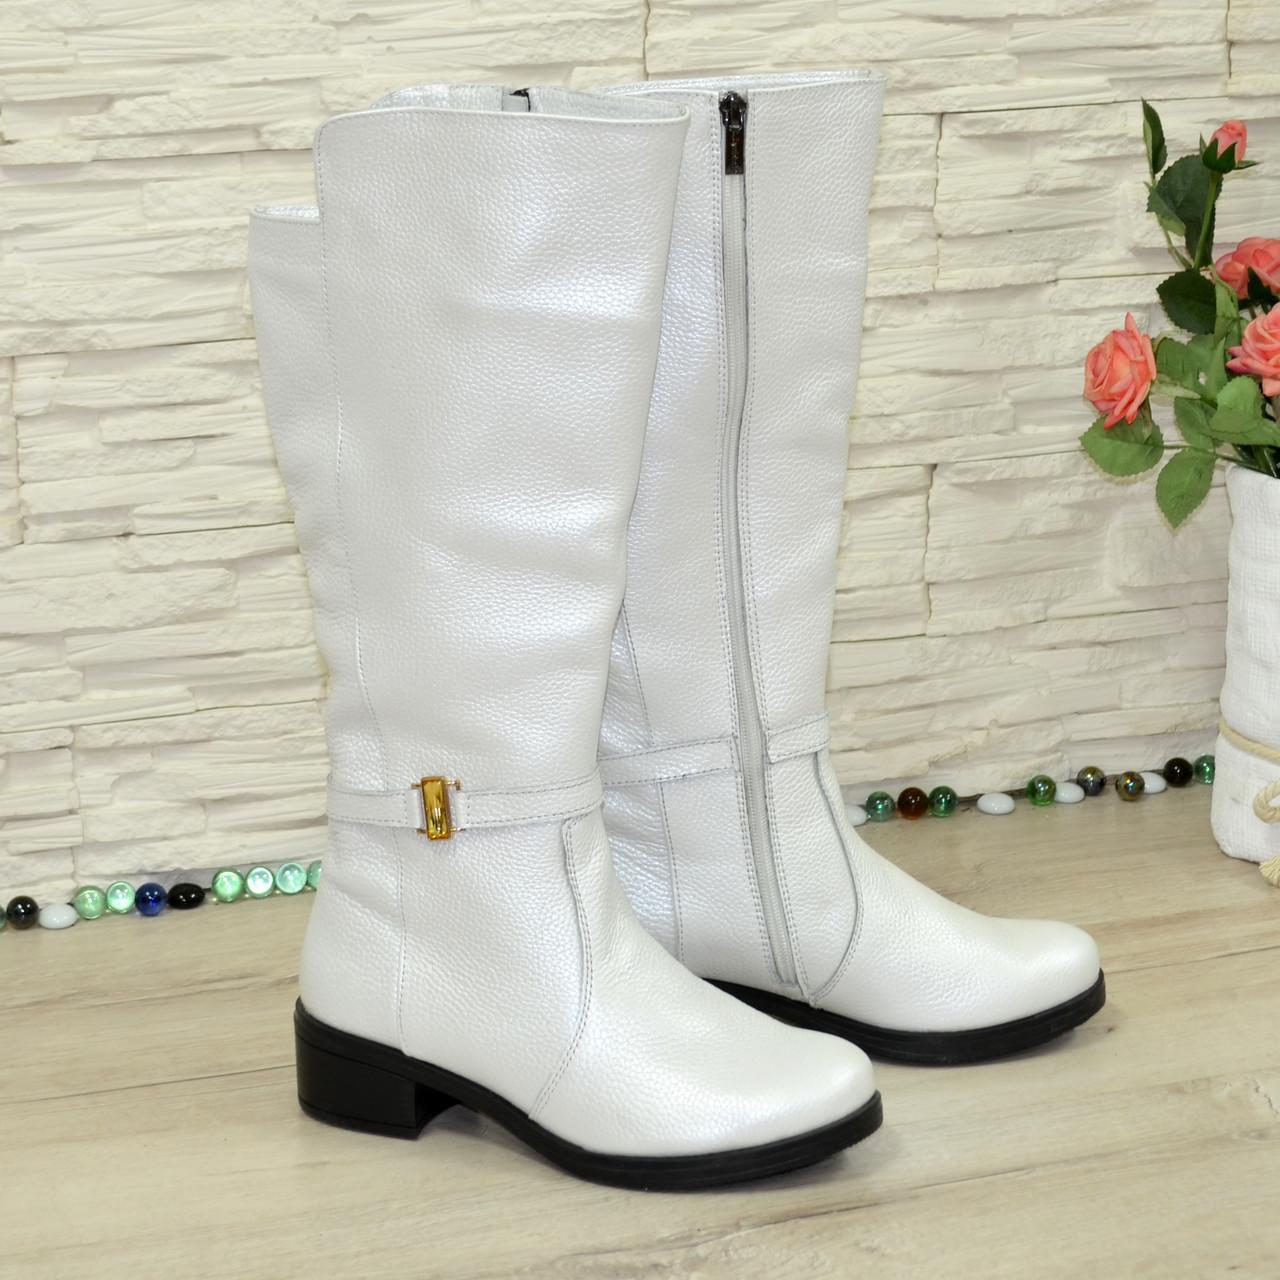 Белые демисезонные сапоги на байке. 37 размер